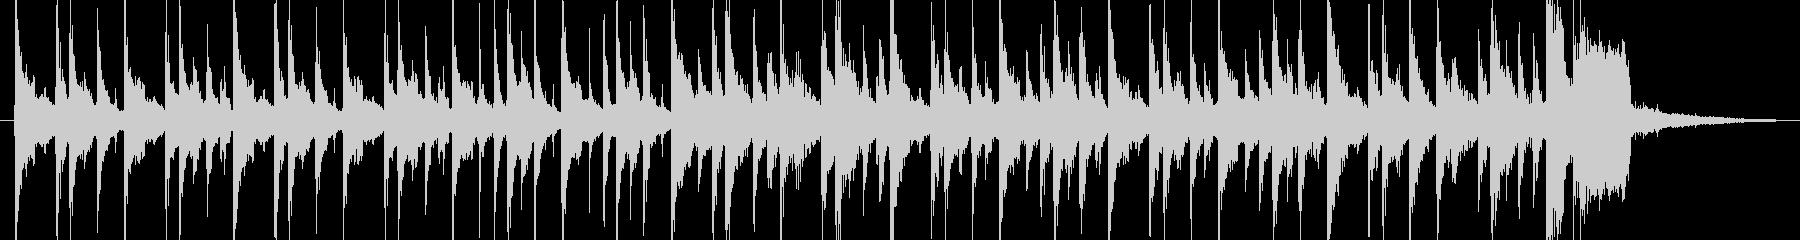 サンバっぽいリズムのんの未再生の波形